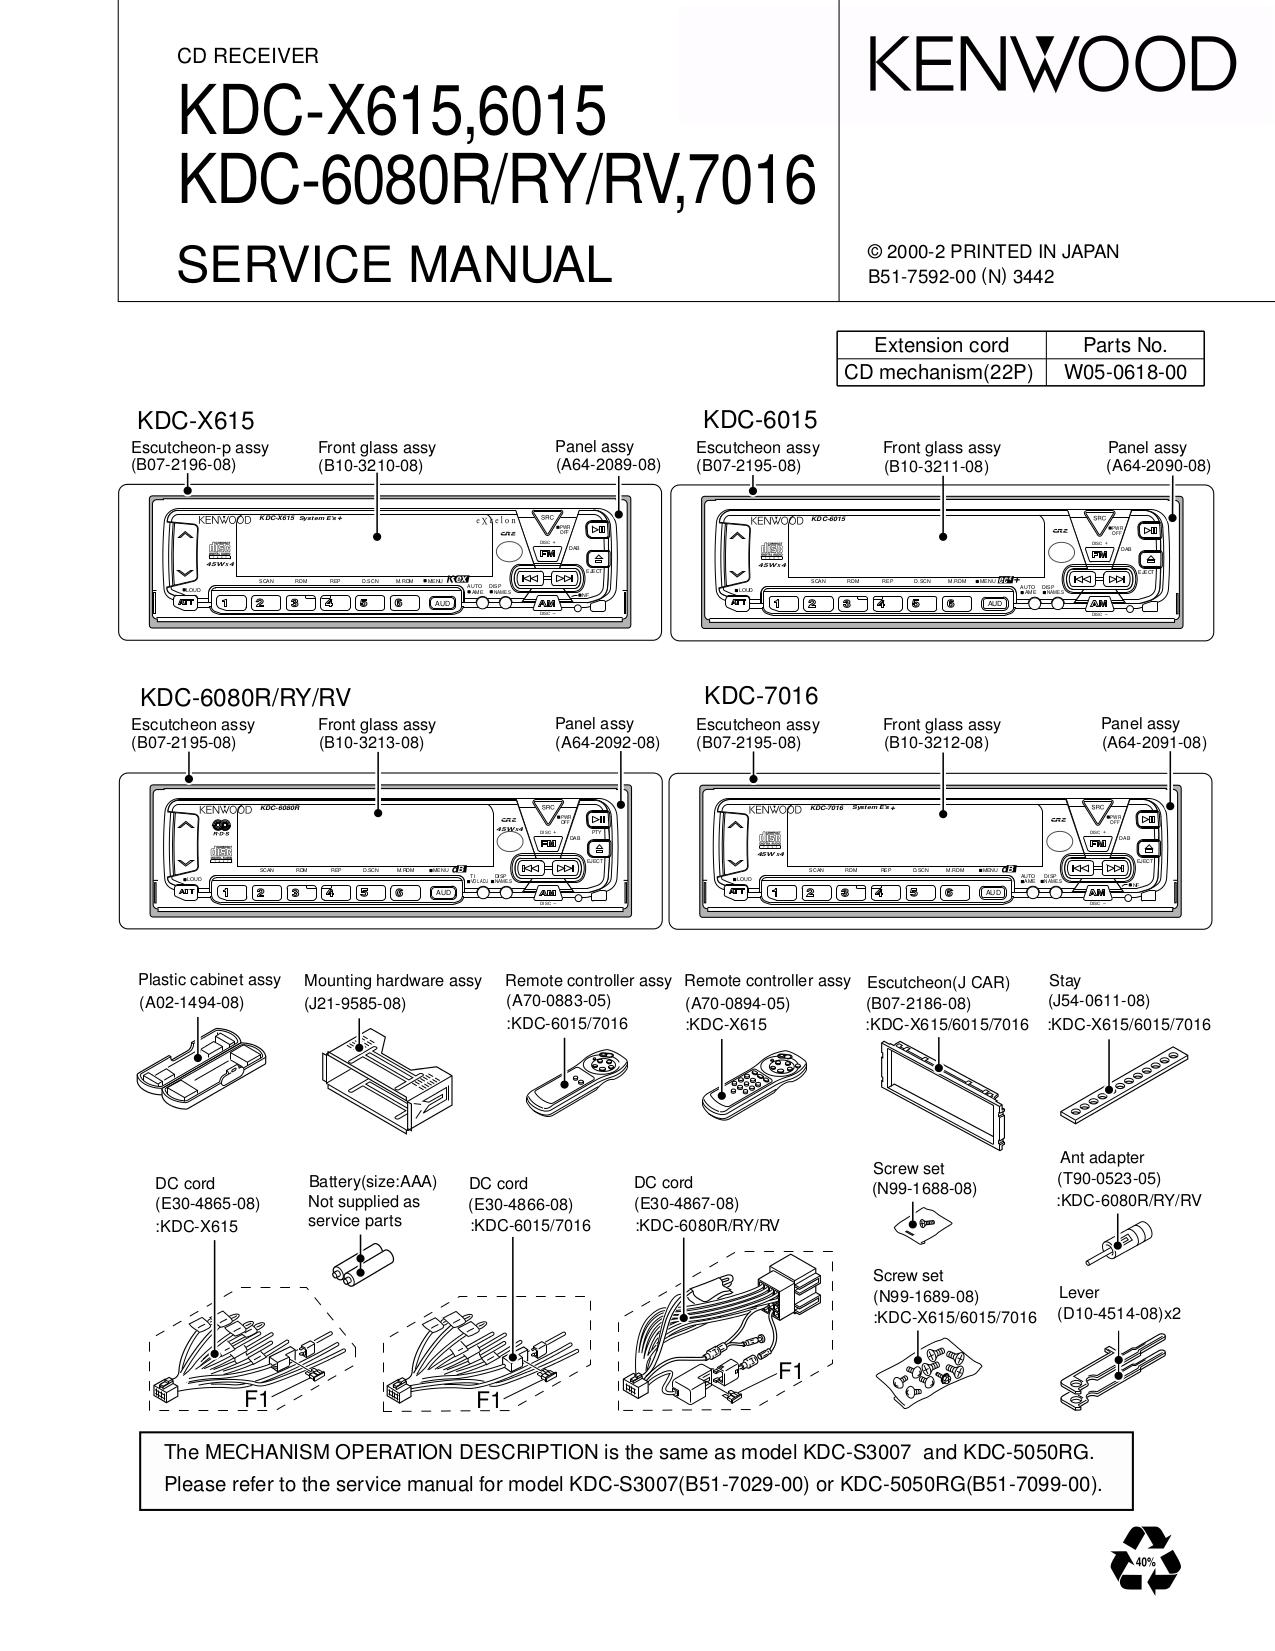 Download Free Pdf For Kenwood Kdc 319 Car Receiver Manual Mp332 Wiring Diagram